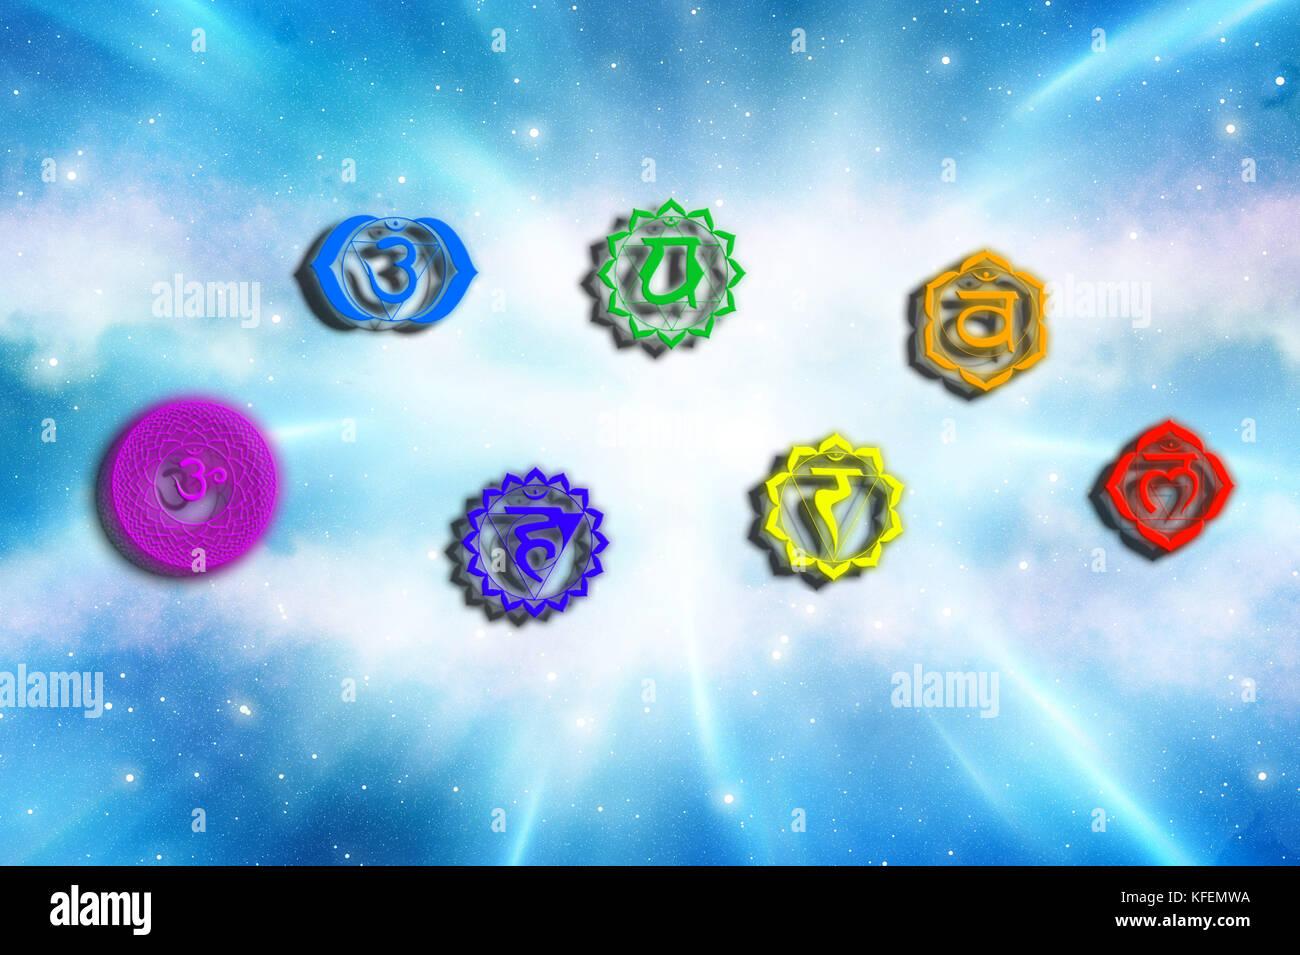 Chakra Symbols Stock Photos & Chakra Symbols Stock Images